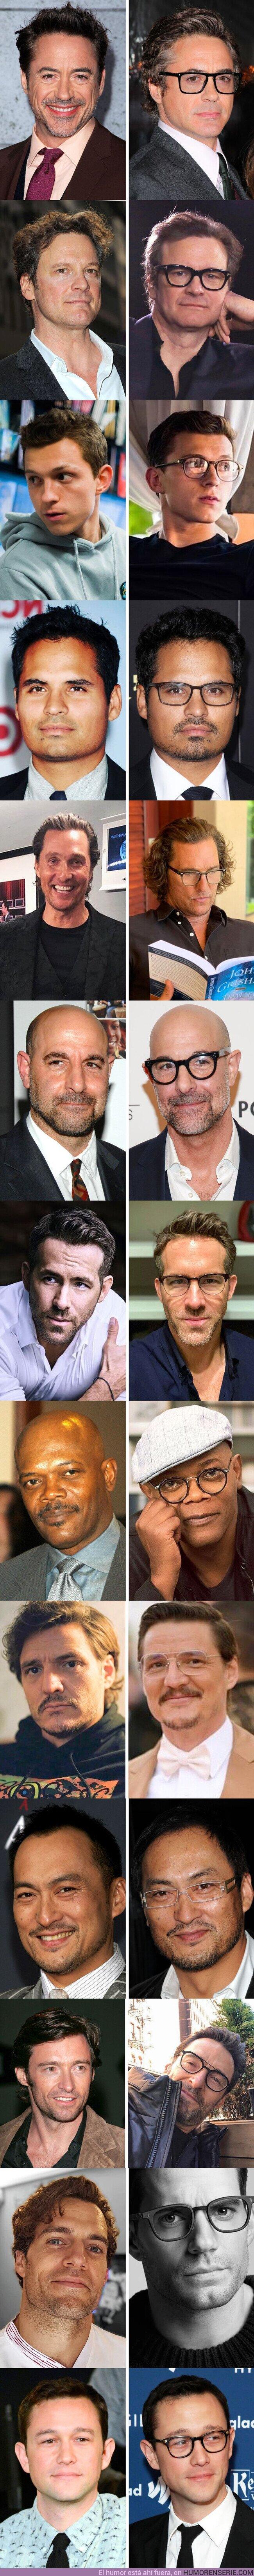 66497 - GALERÍA: Así se ven estos 13 actores famosos con gafas